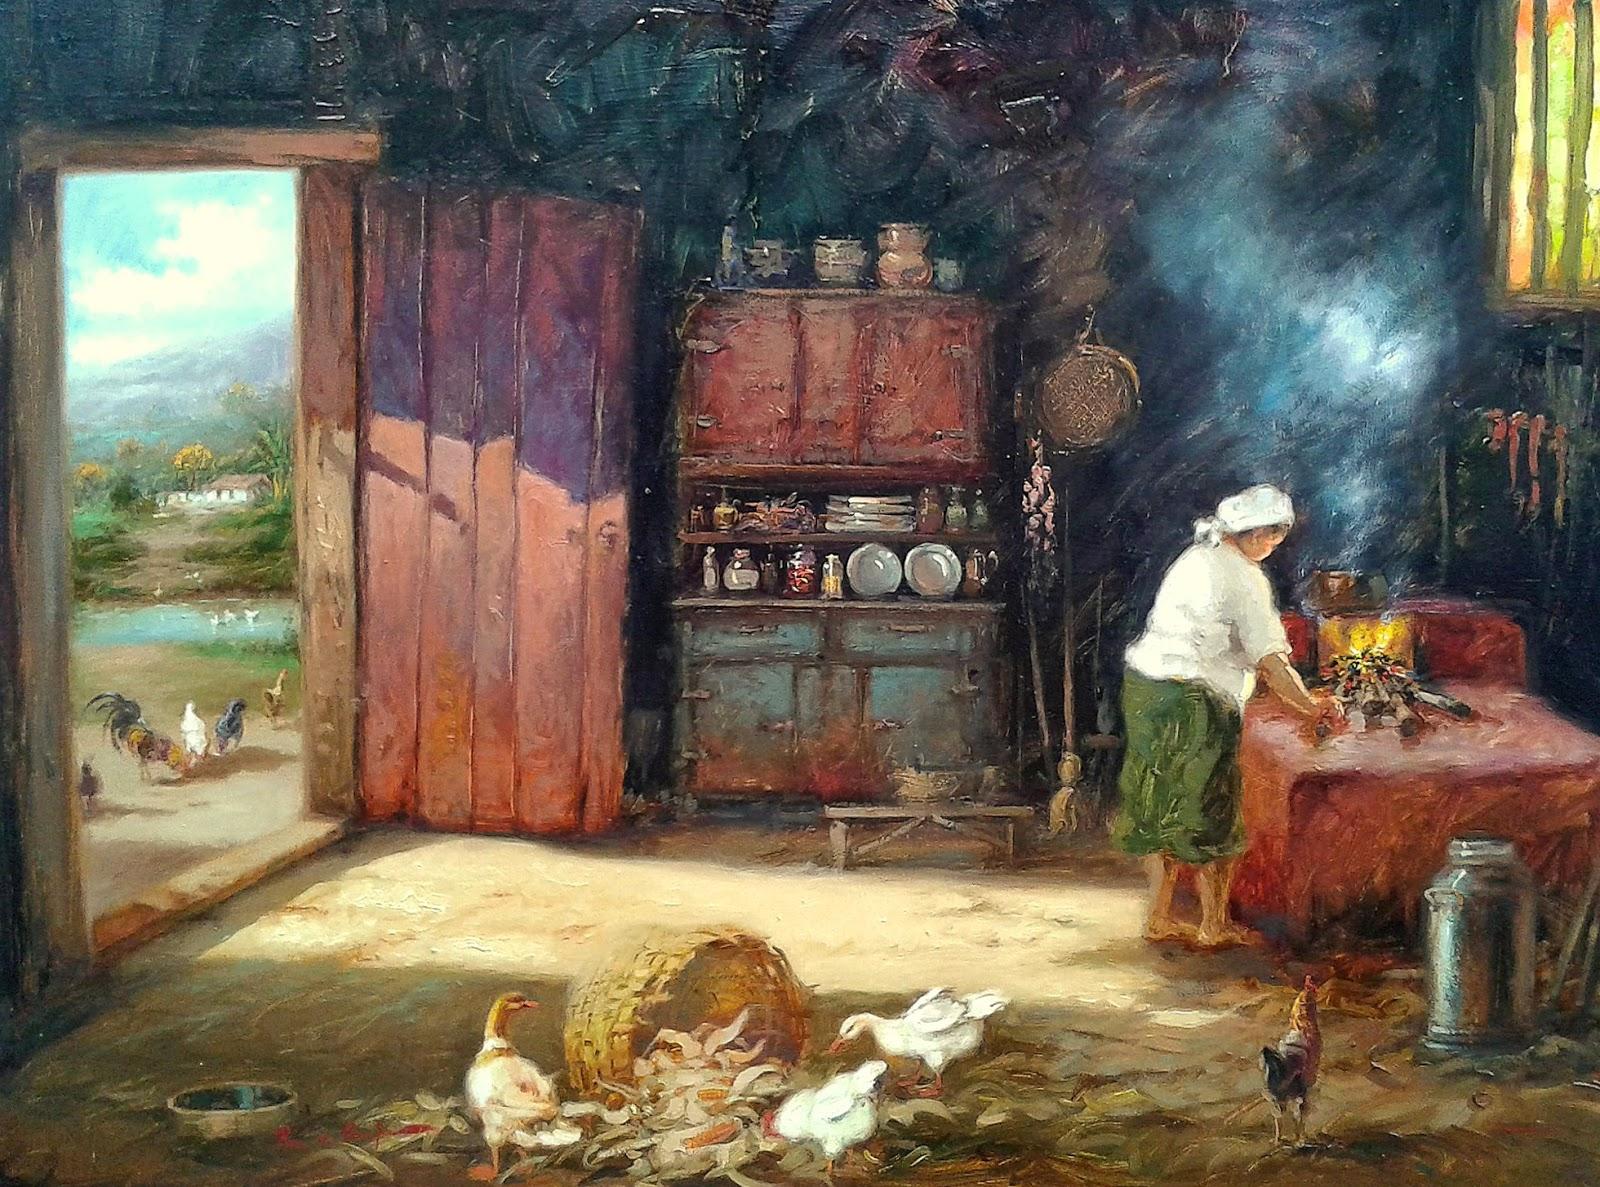 paula cozinha caipira mais paula cozinha caipira óleo rui de cozinha  #9B8230 1600 1187